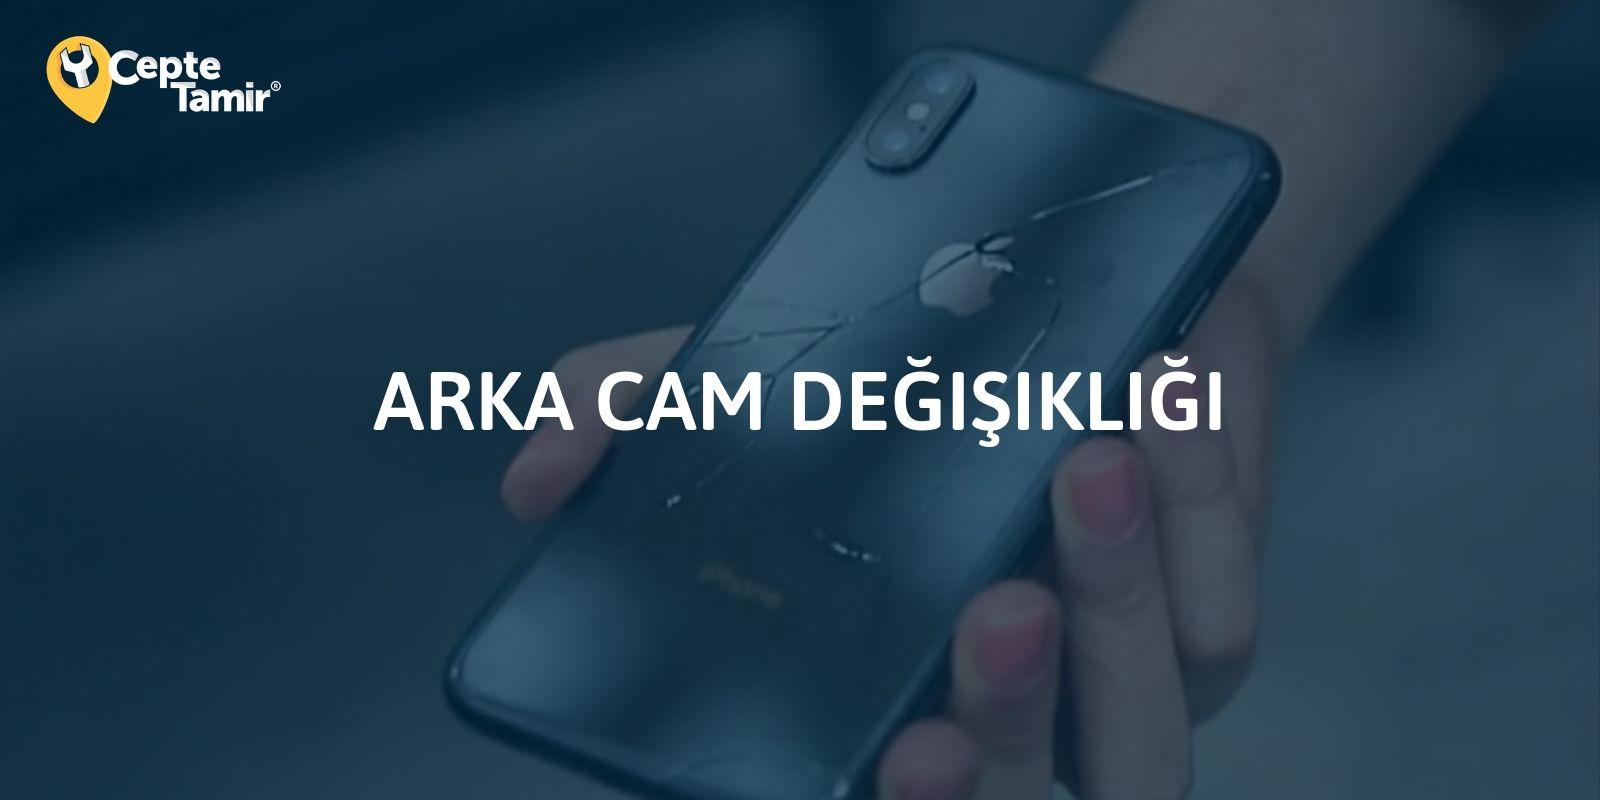 iPhone Arka Cam Fiyatı ve Değişim Süreci